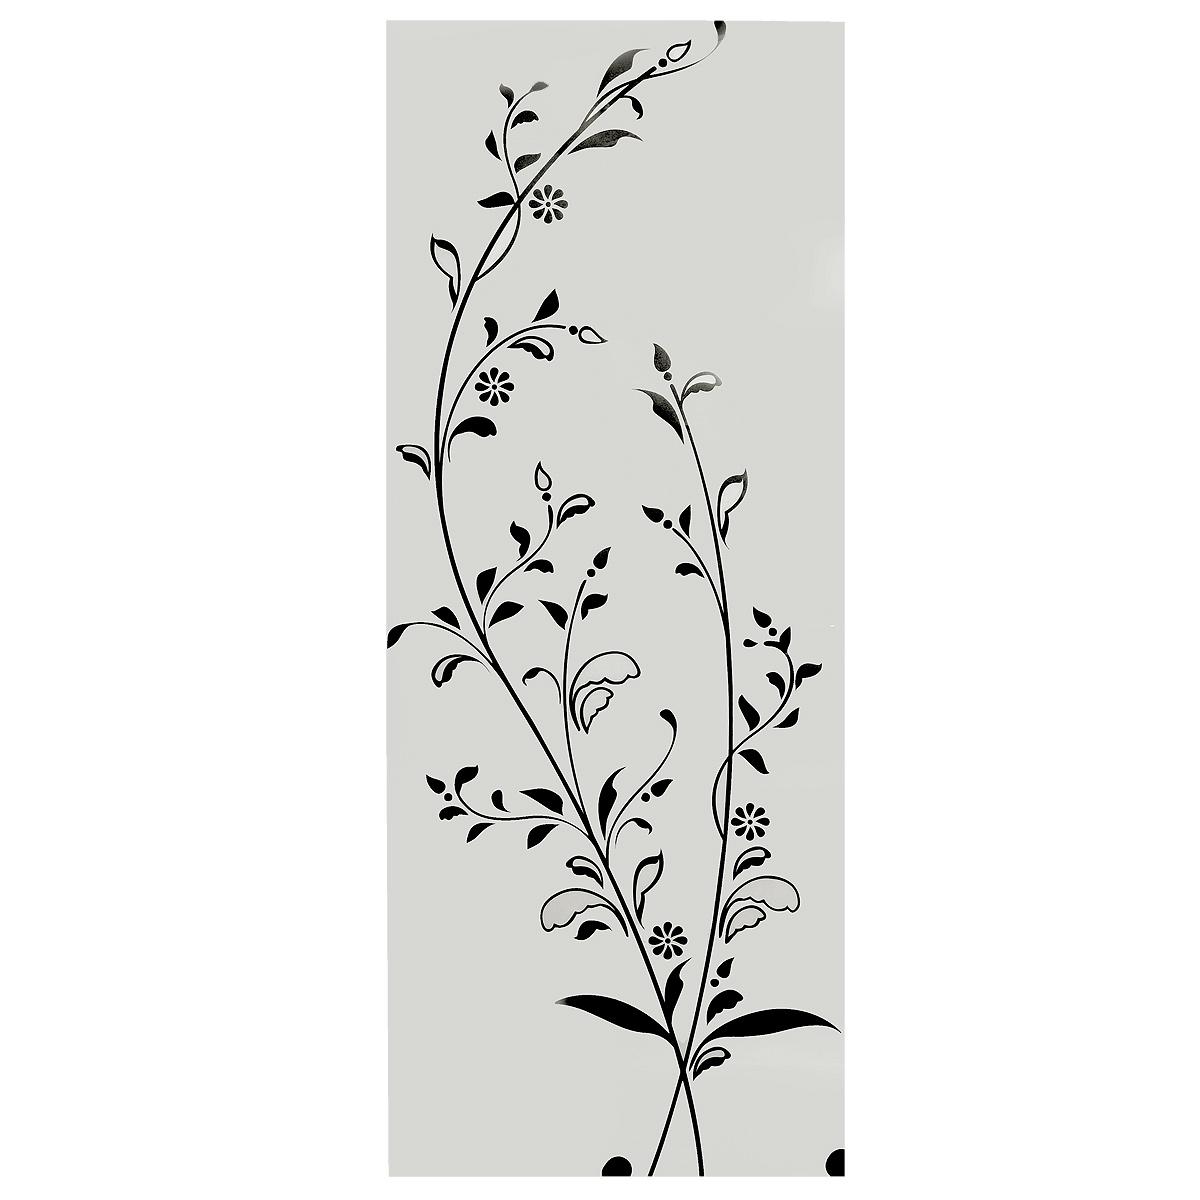 Стикер Paristic Цветущая ветка, цвет: черный, 41 х 105 см33738Оригинальный стикер Paristic Цветущая ветка выполнен из матового винила - тонкого эластичного материала, который хорошо прилегает к любым гладким и чистым поверхностям, легко моется и держится до семи лет, не оставляя следов. Великолепное исполнение добавит изысканности в дизайн вашего дома. Сегодня виниловые наклейки пользуются большой популярностью среди декораторов по всему миру, а на российском рынке товаров для декорирования интерьеров являются новинкой. Необыкновенный всплеск эмоций в дизайнерском решении создаст утонченную и изысканную атмосферу не только спальни, гостиной или детской комнаты, но и даже офиса.